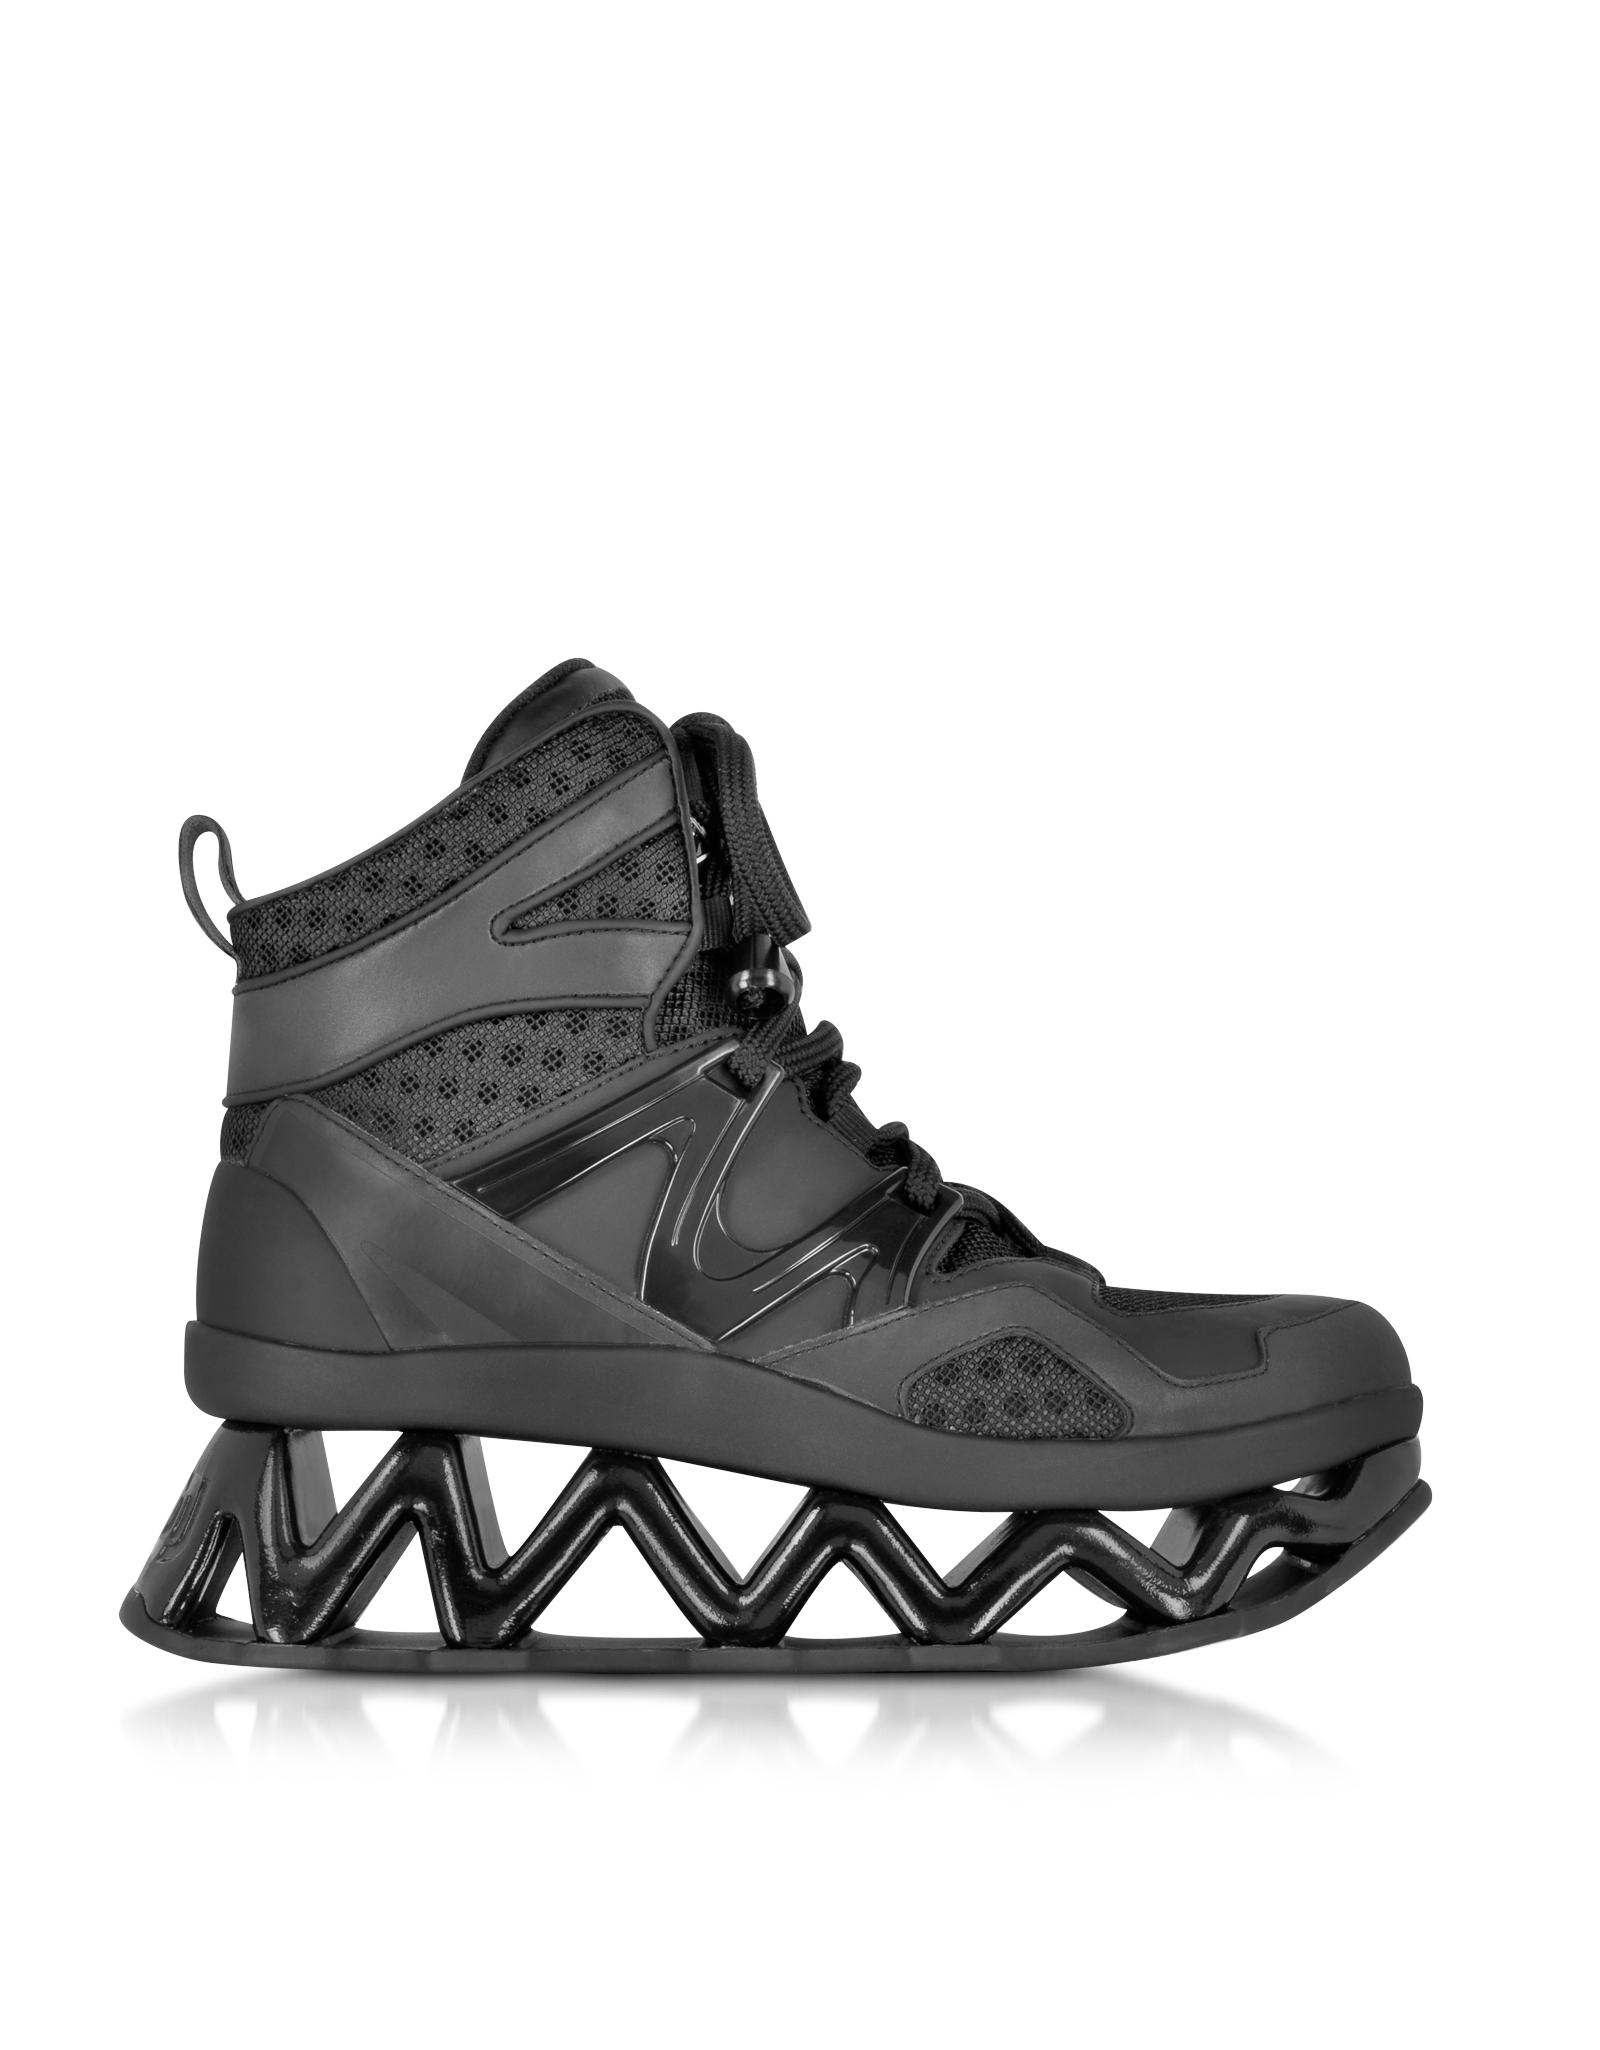 79d1552c55c Lyst - Marc By Marc Jacobs Black Tech Ninja Sneaker in Black